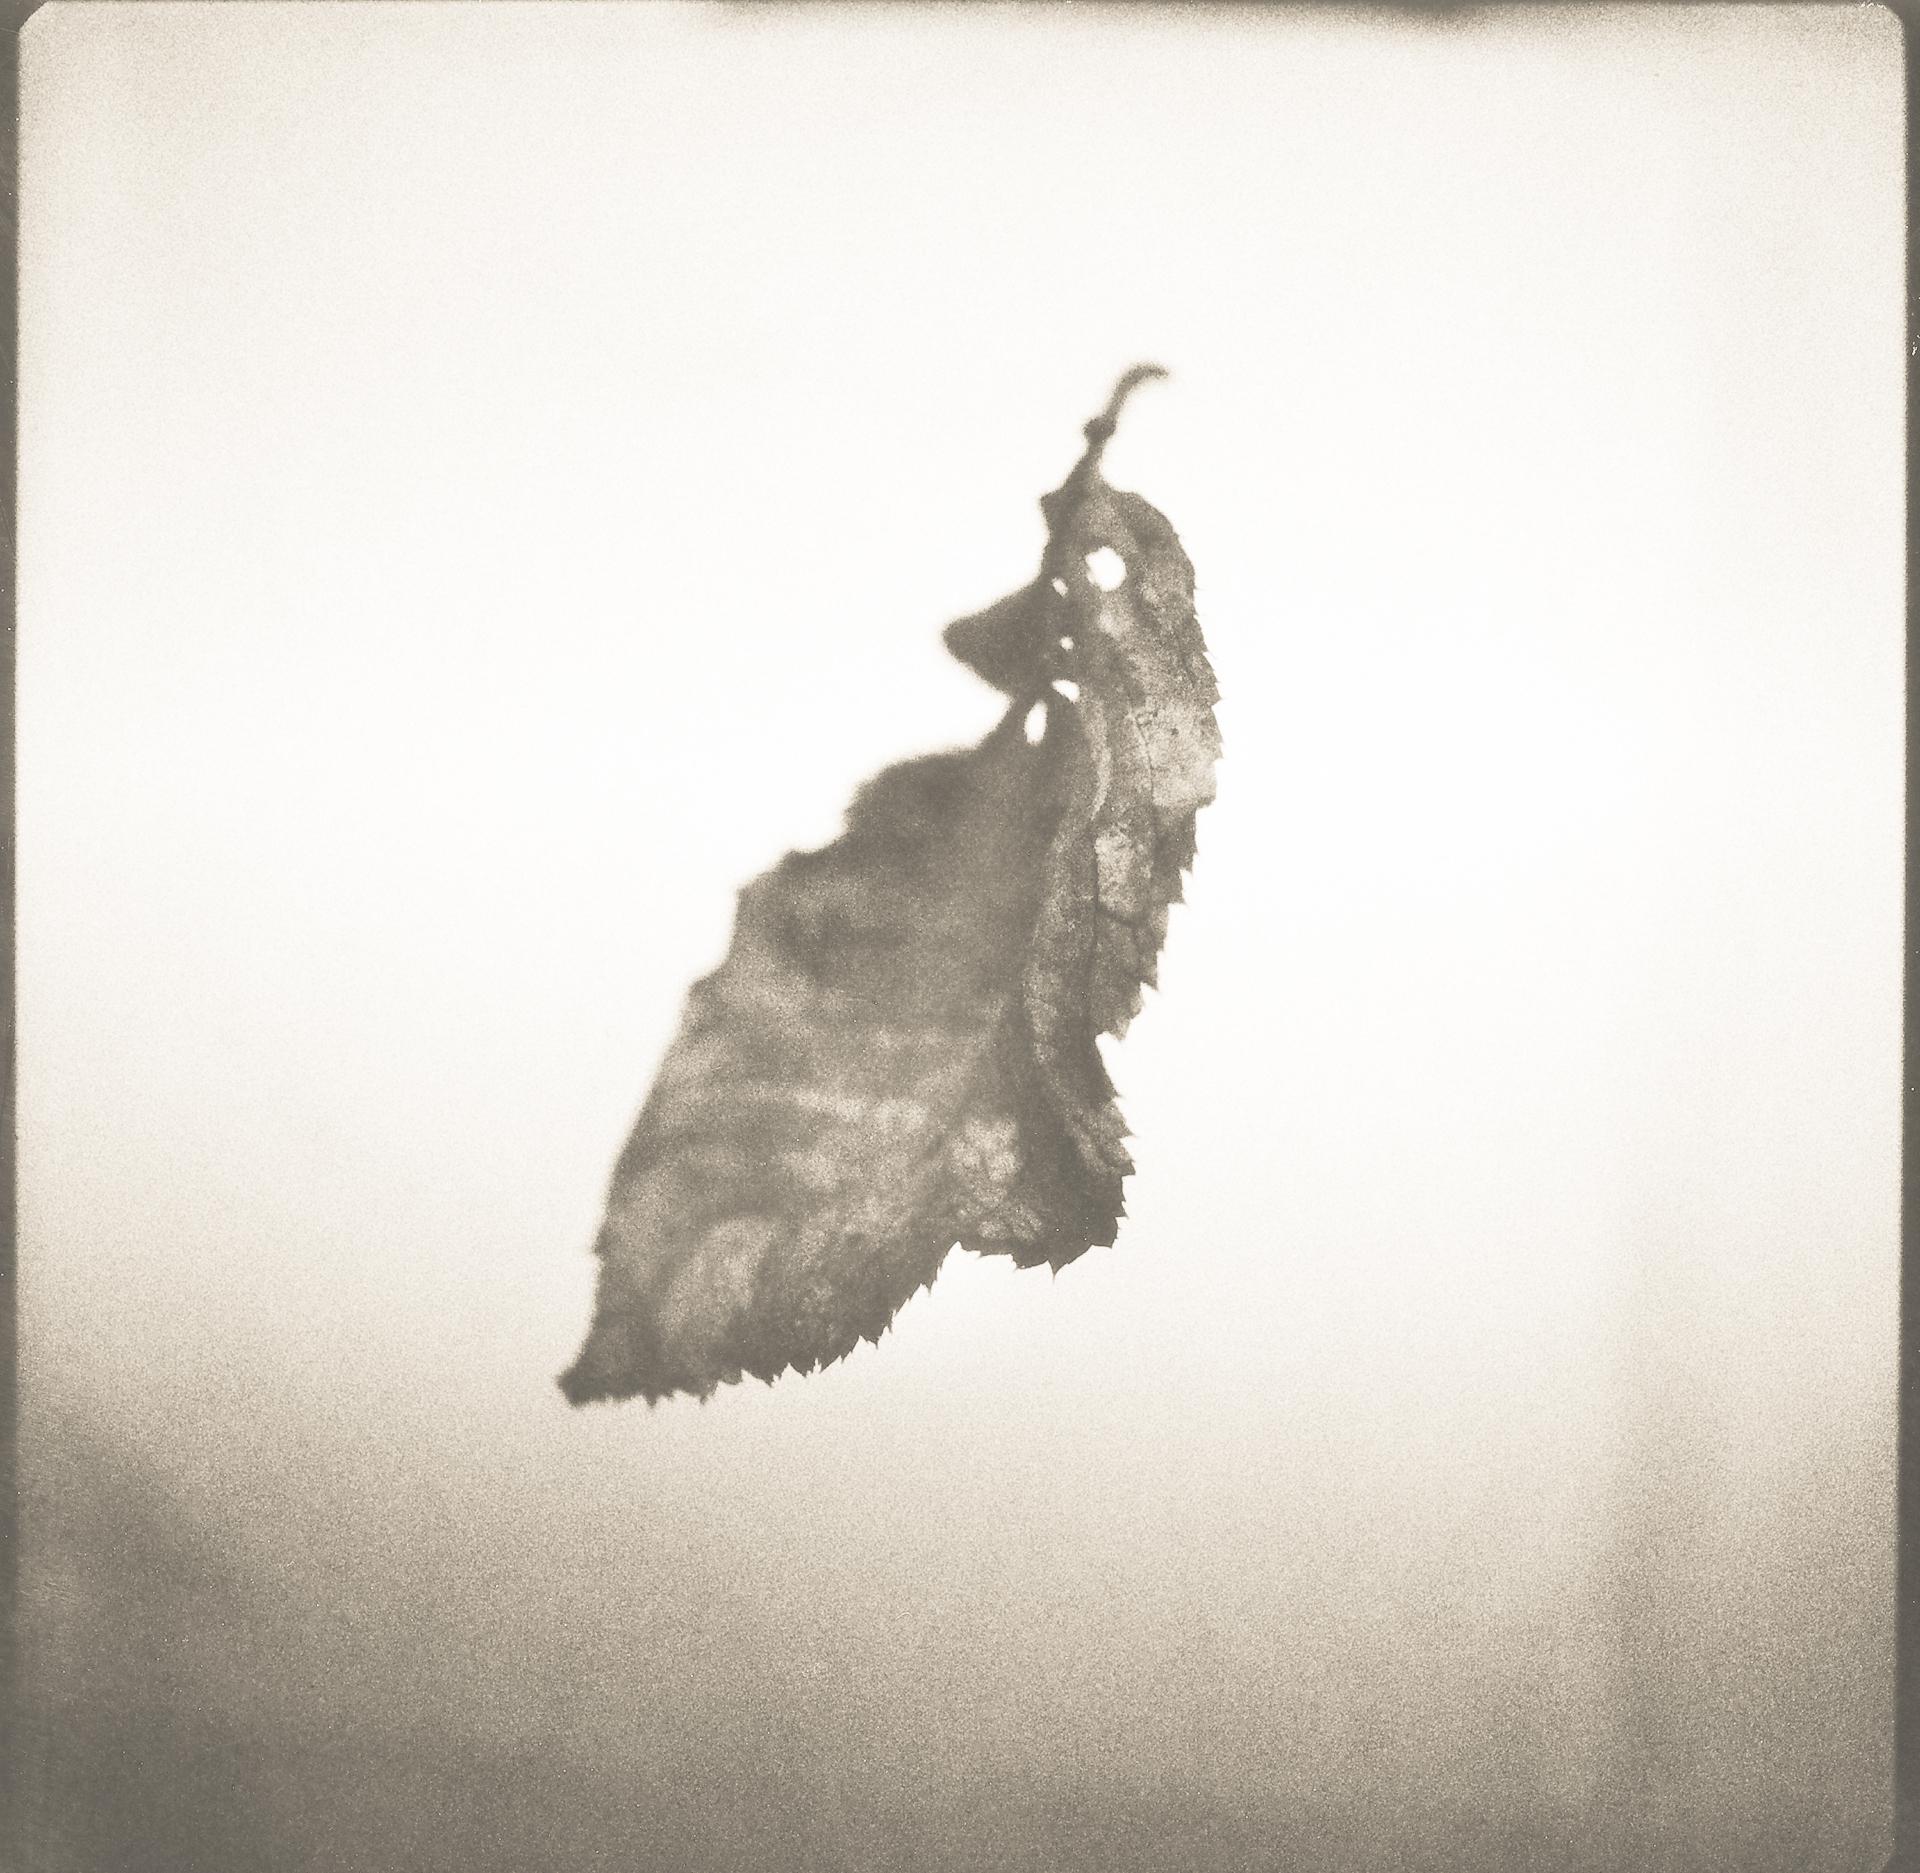 leaf-polaroid-bw1.jpg